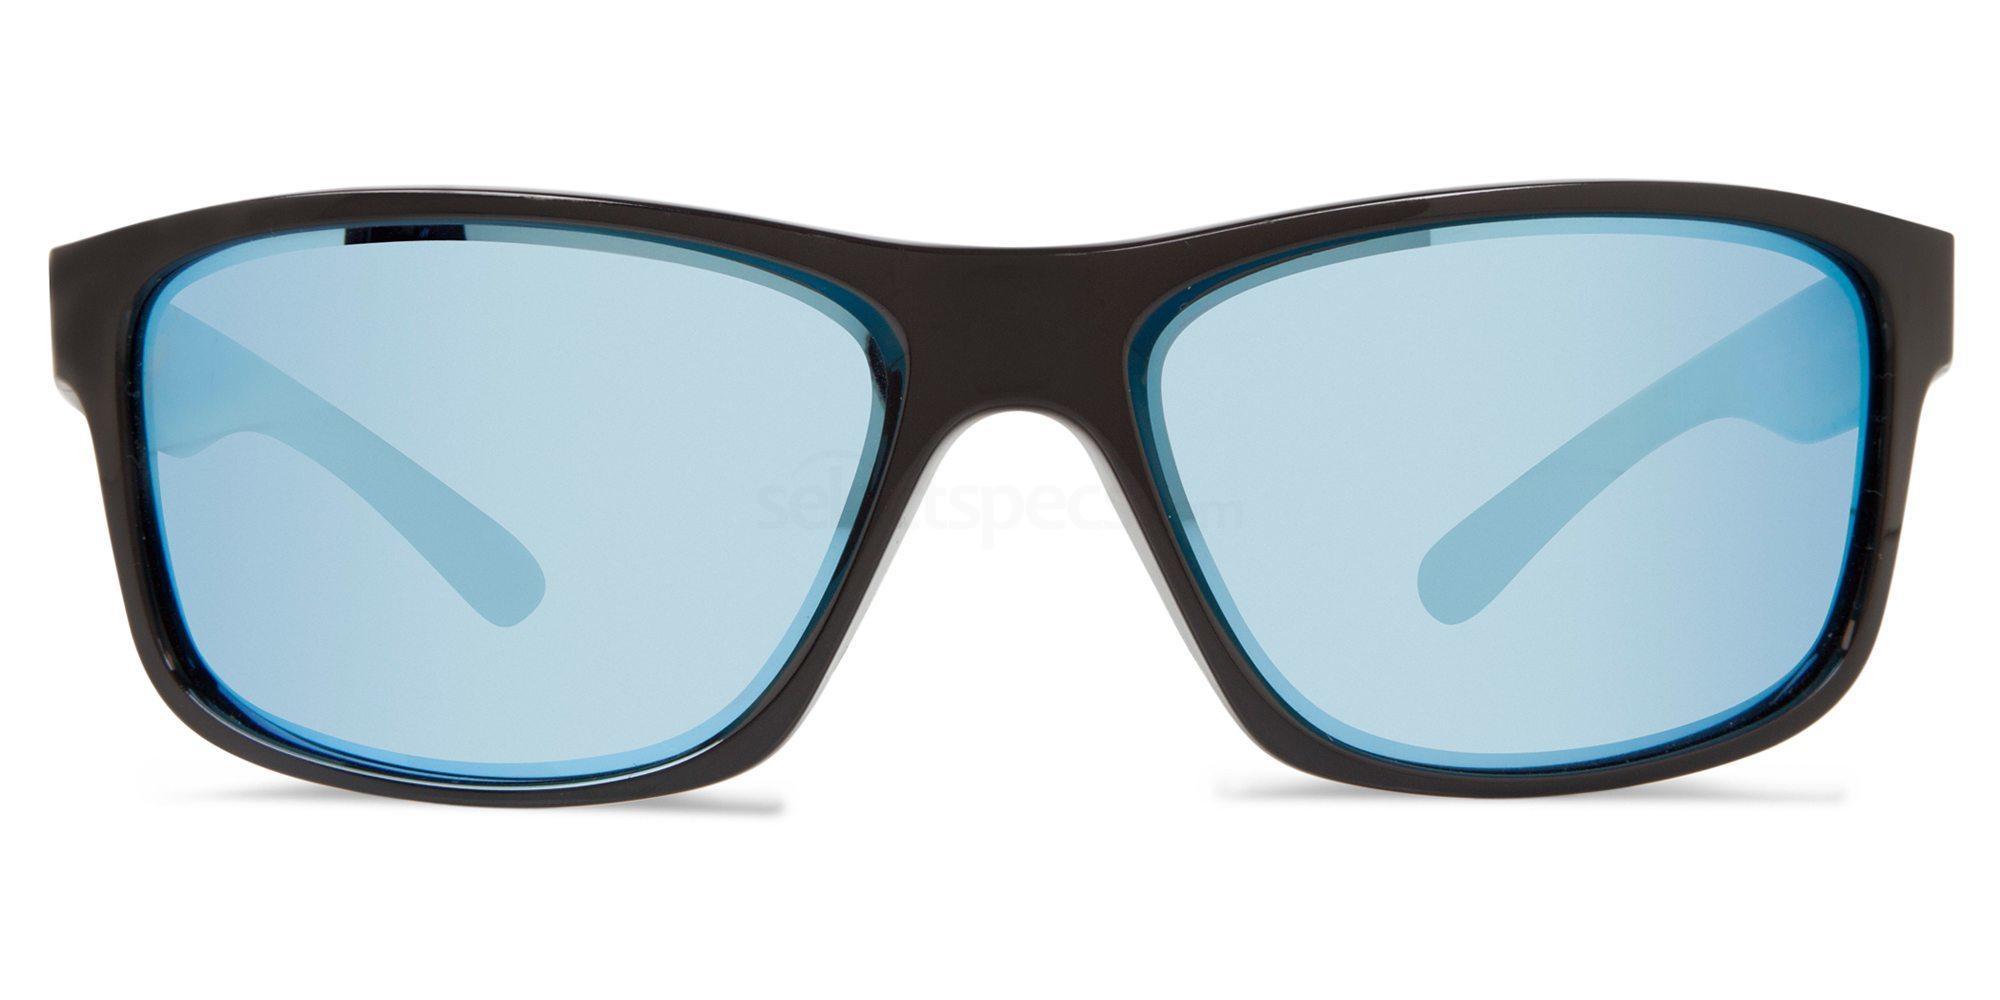 Revo-Harness-Sunglasses-Josh-Brolin-Everest